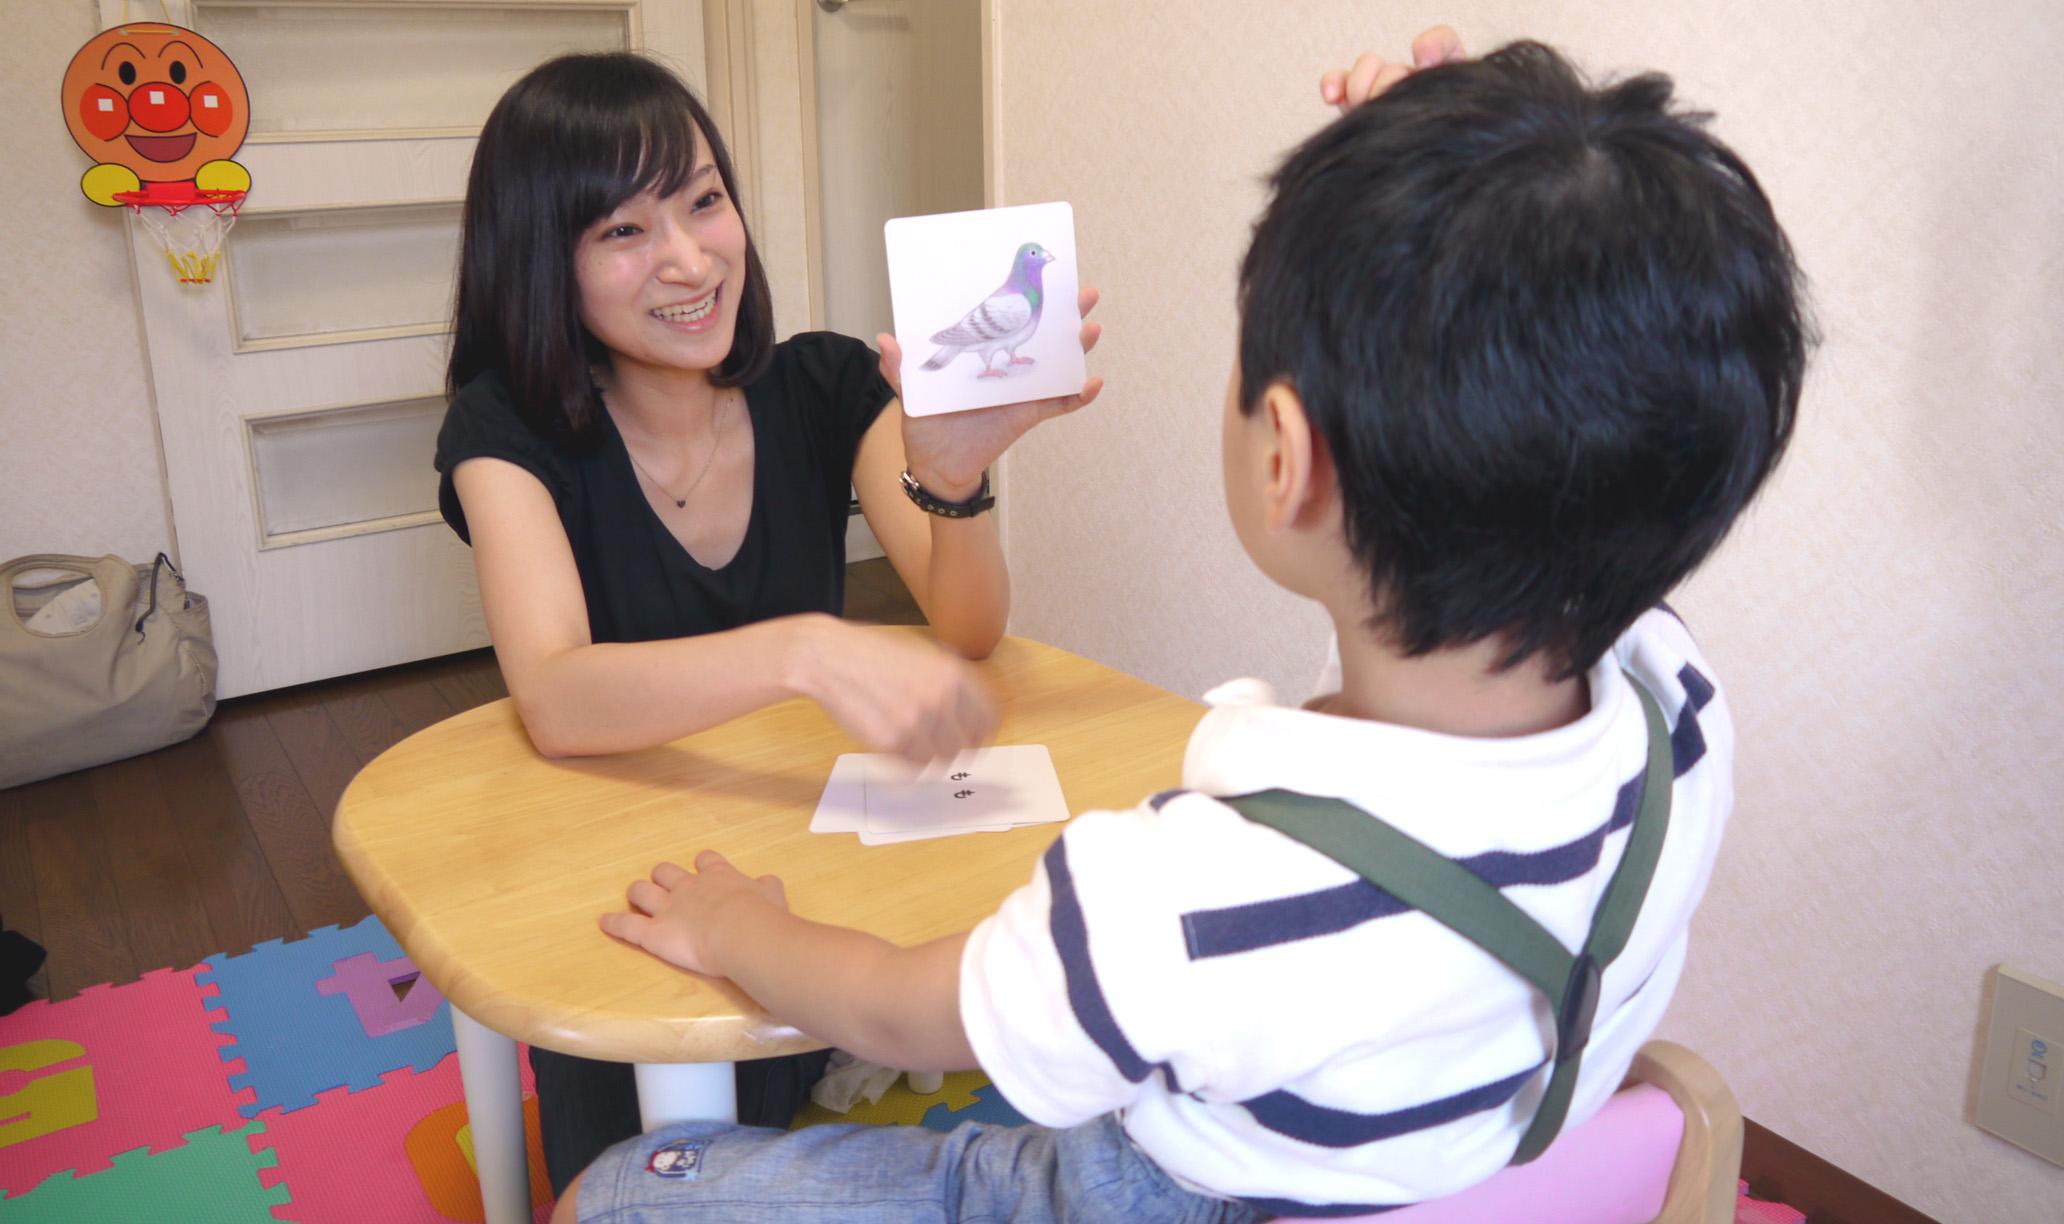 早期療育で自閉症の症状は改善する!-謂れなき偏見や誤解が本人やその家族を悩ませる!